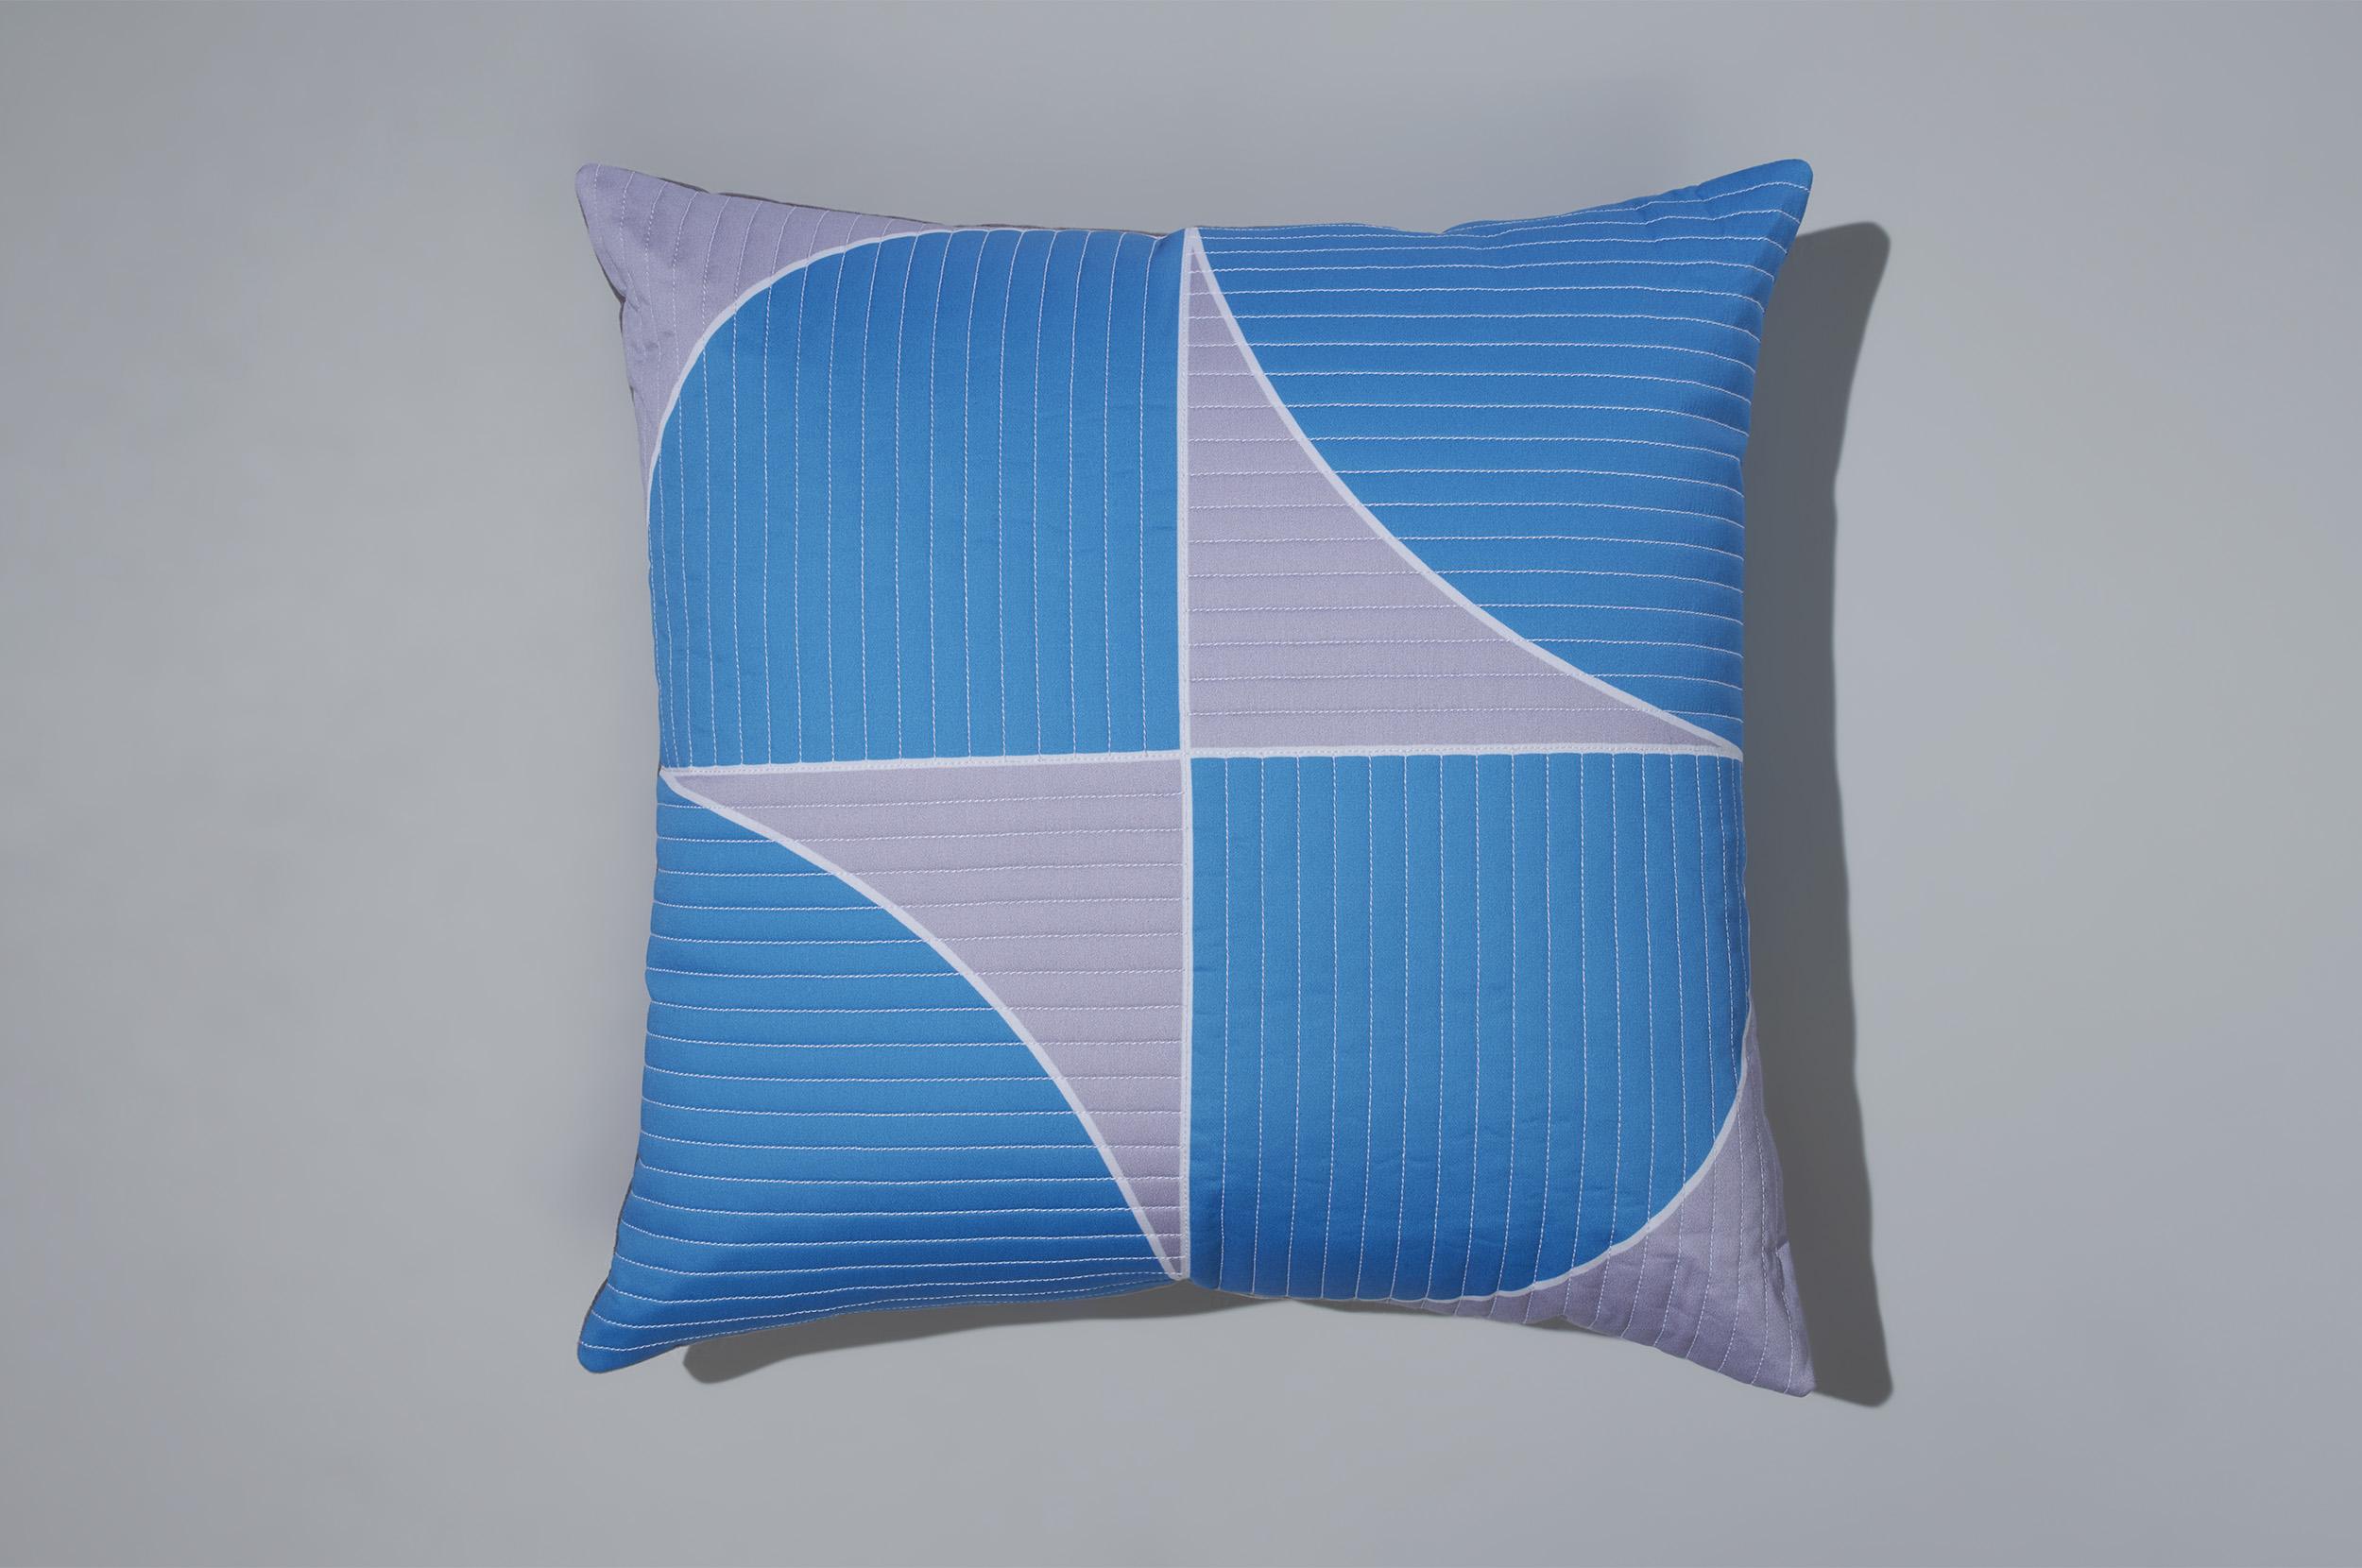 PostAndGleam_Pillows_BlueWhite_COMP_Oa_FL_2500.JPG